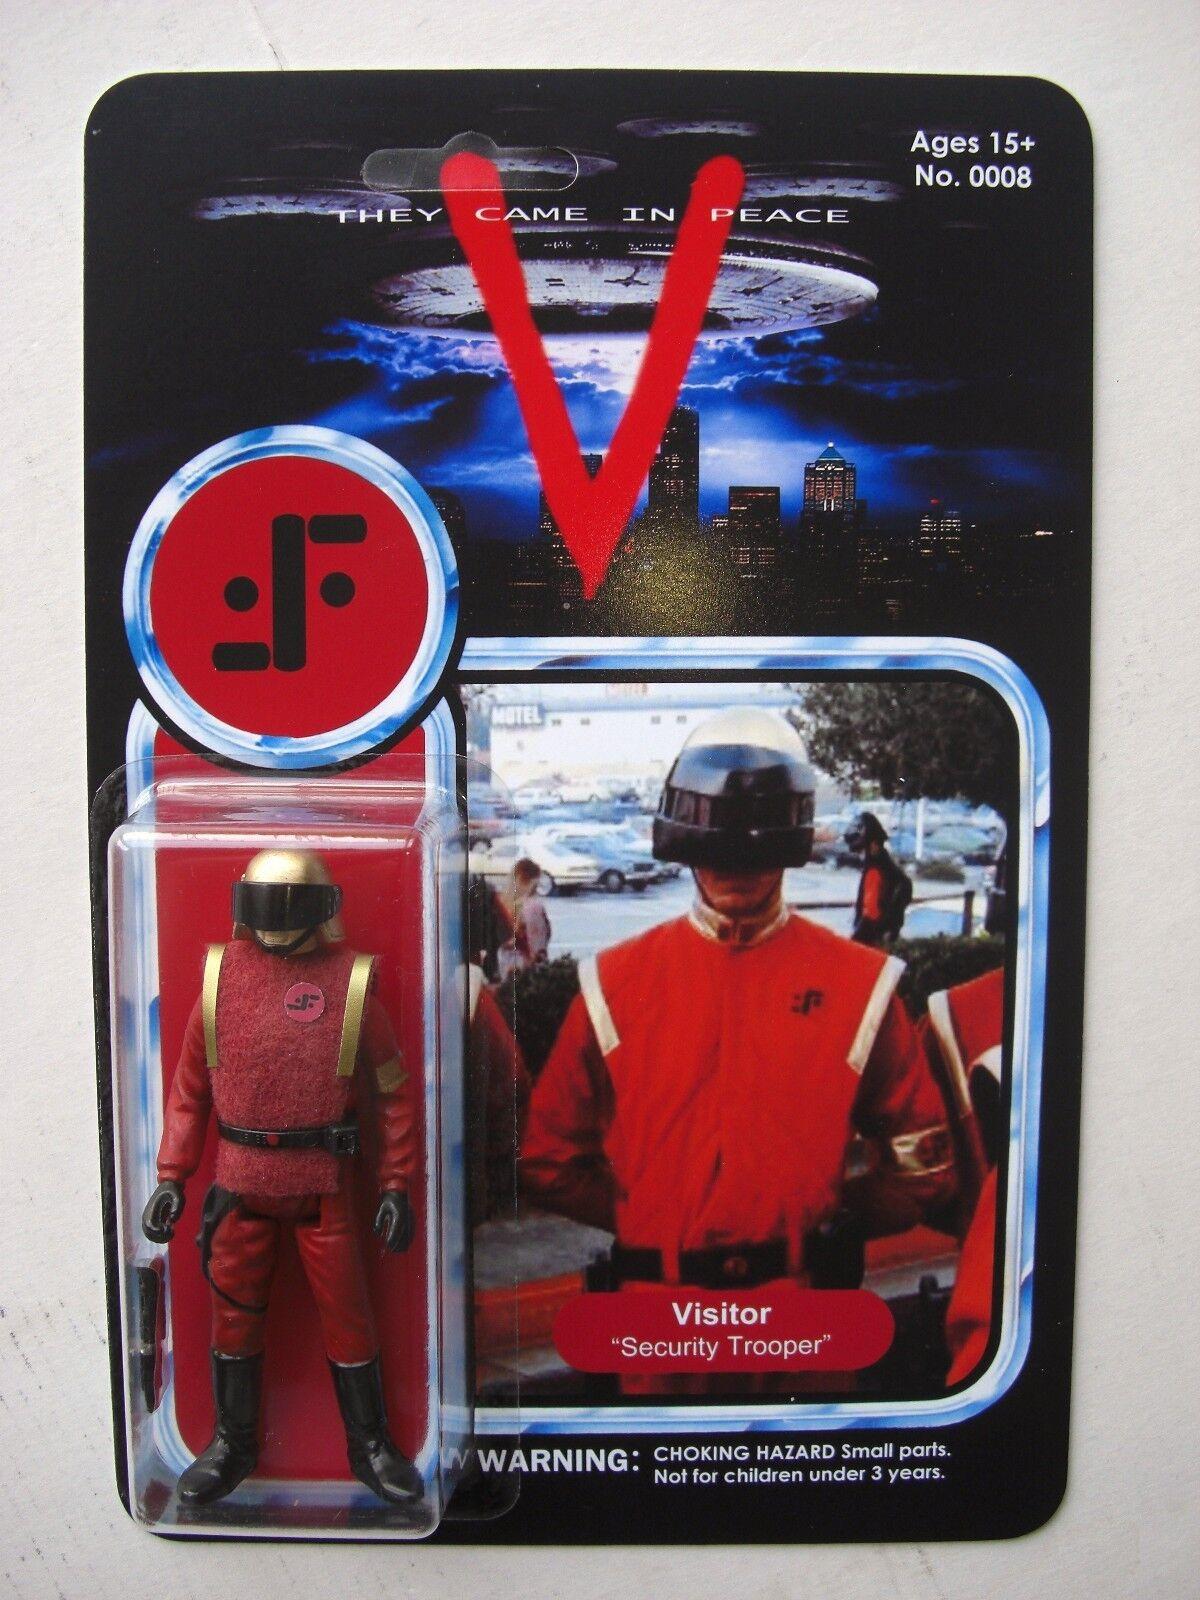 VISITOR SECURITY OFFICER CUSTOM FIGURE MOC V 'Visitor' Vintage Sci-fi TV SHOW